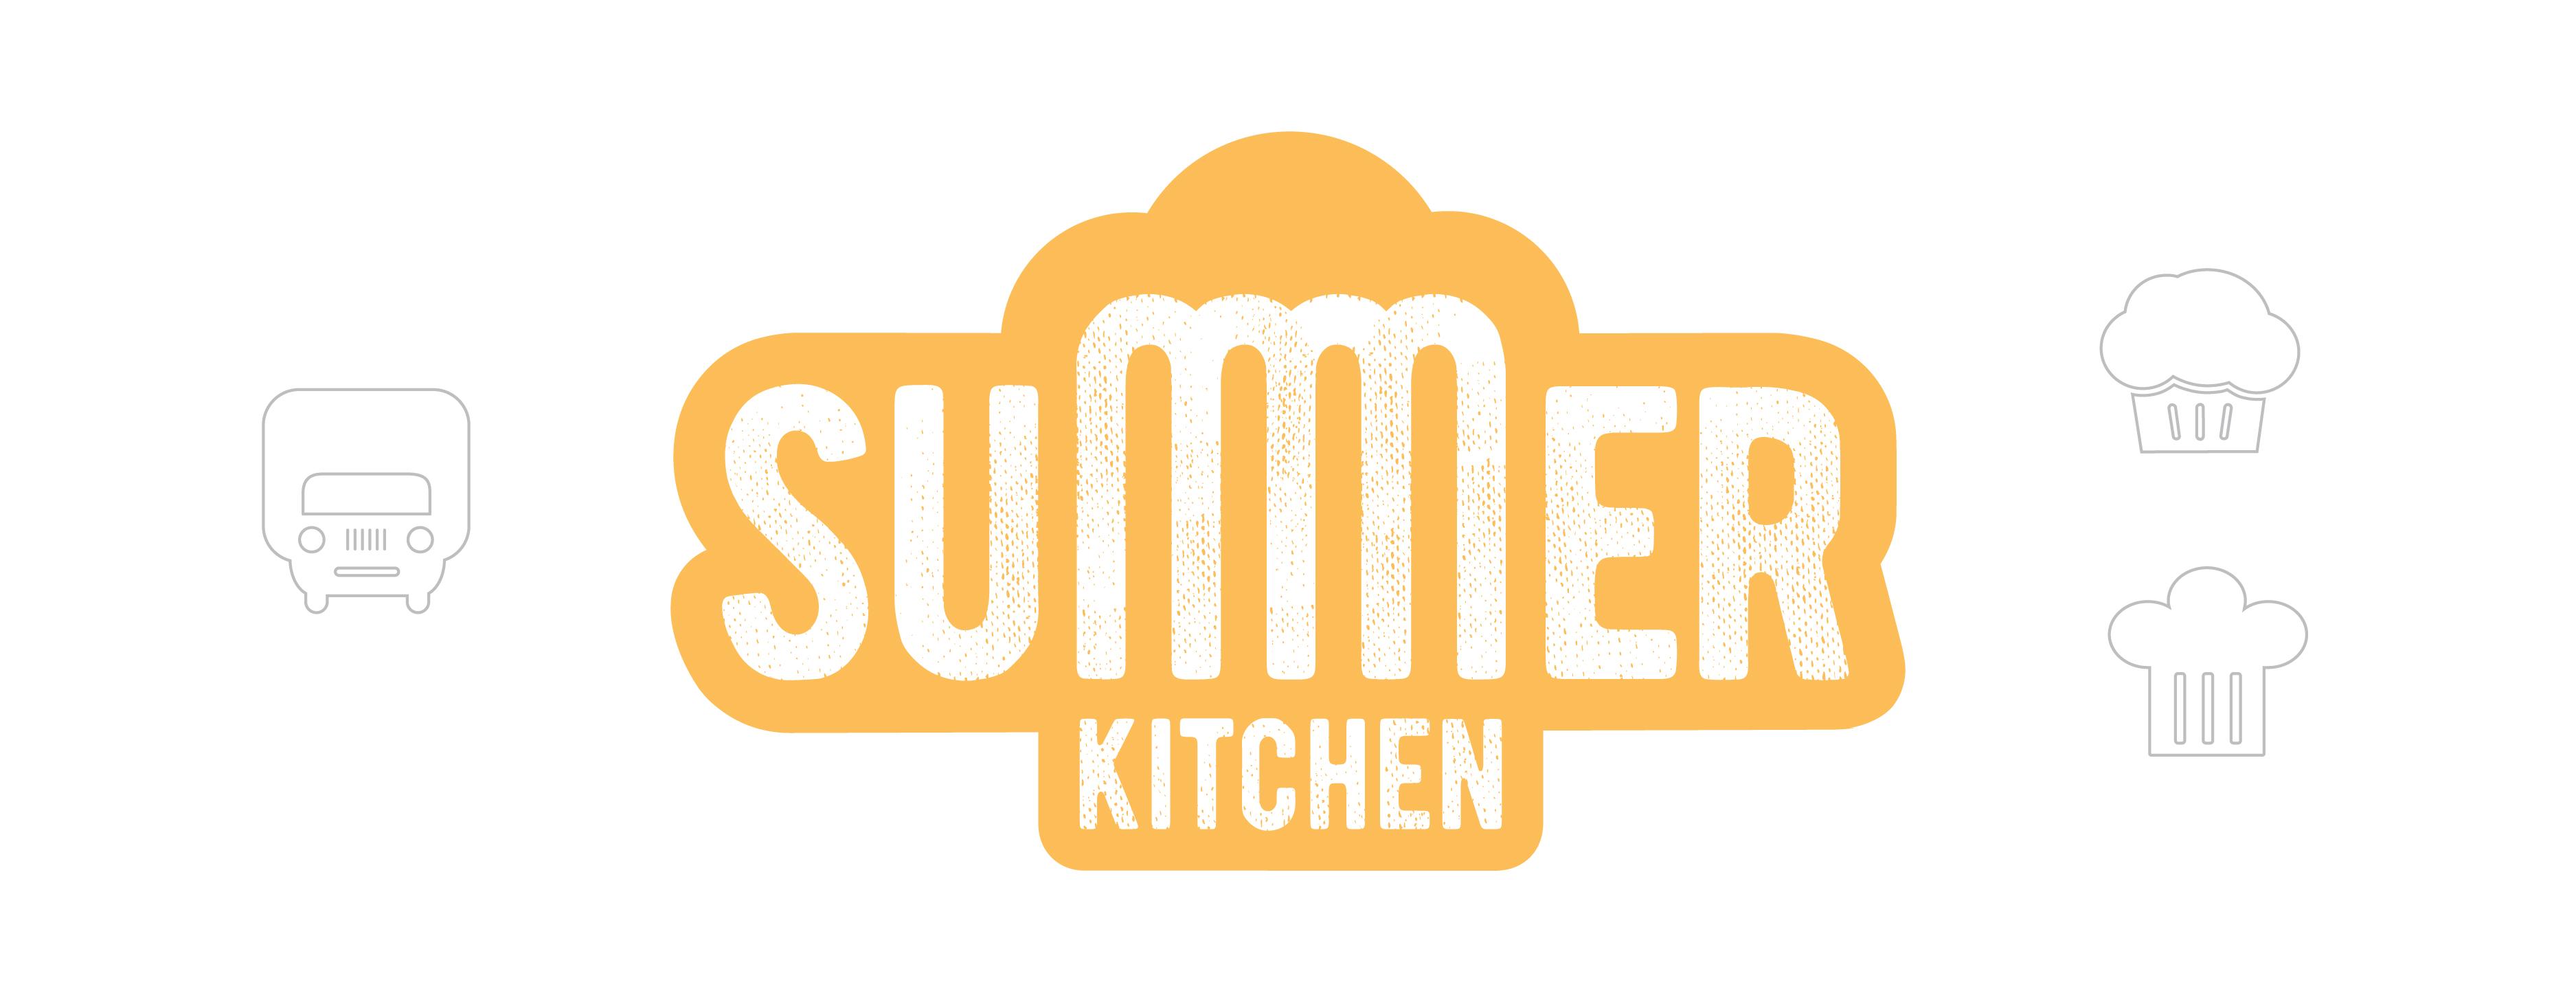 Логотип сочетает в себе радиаторную решетку и фары старенького грузовичка, маффин, шапку повара.